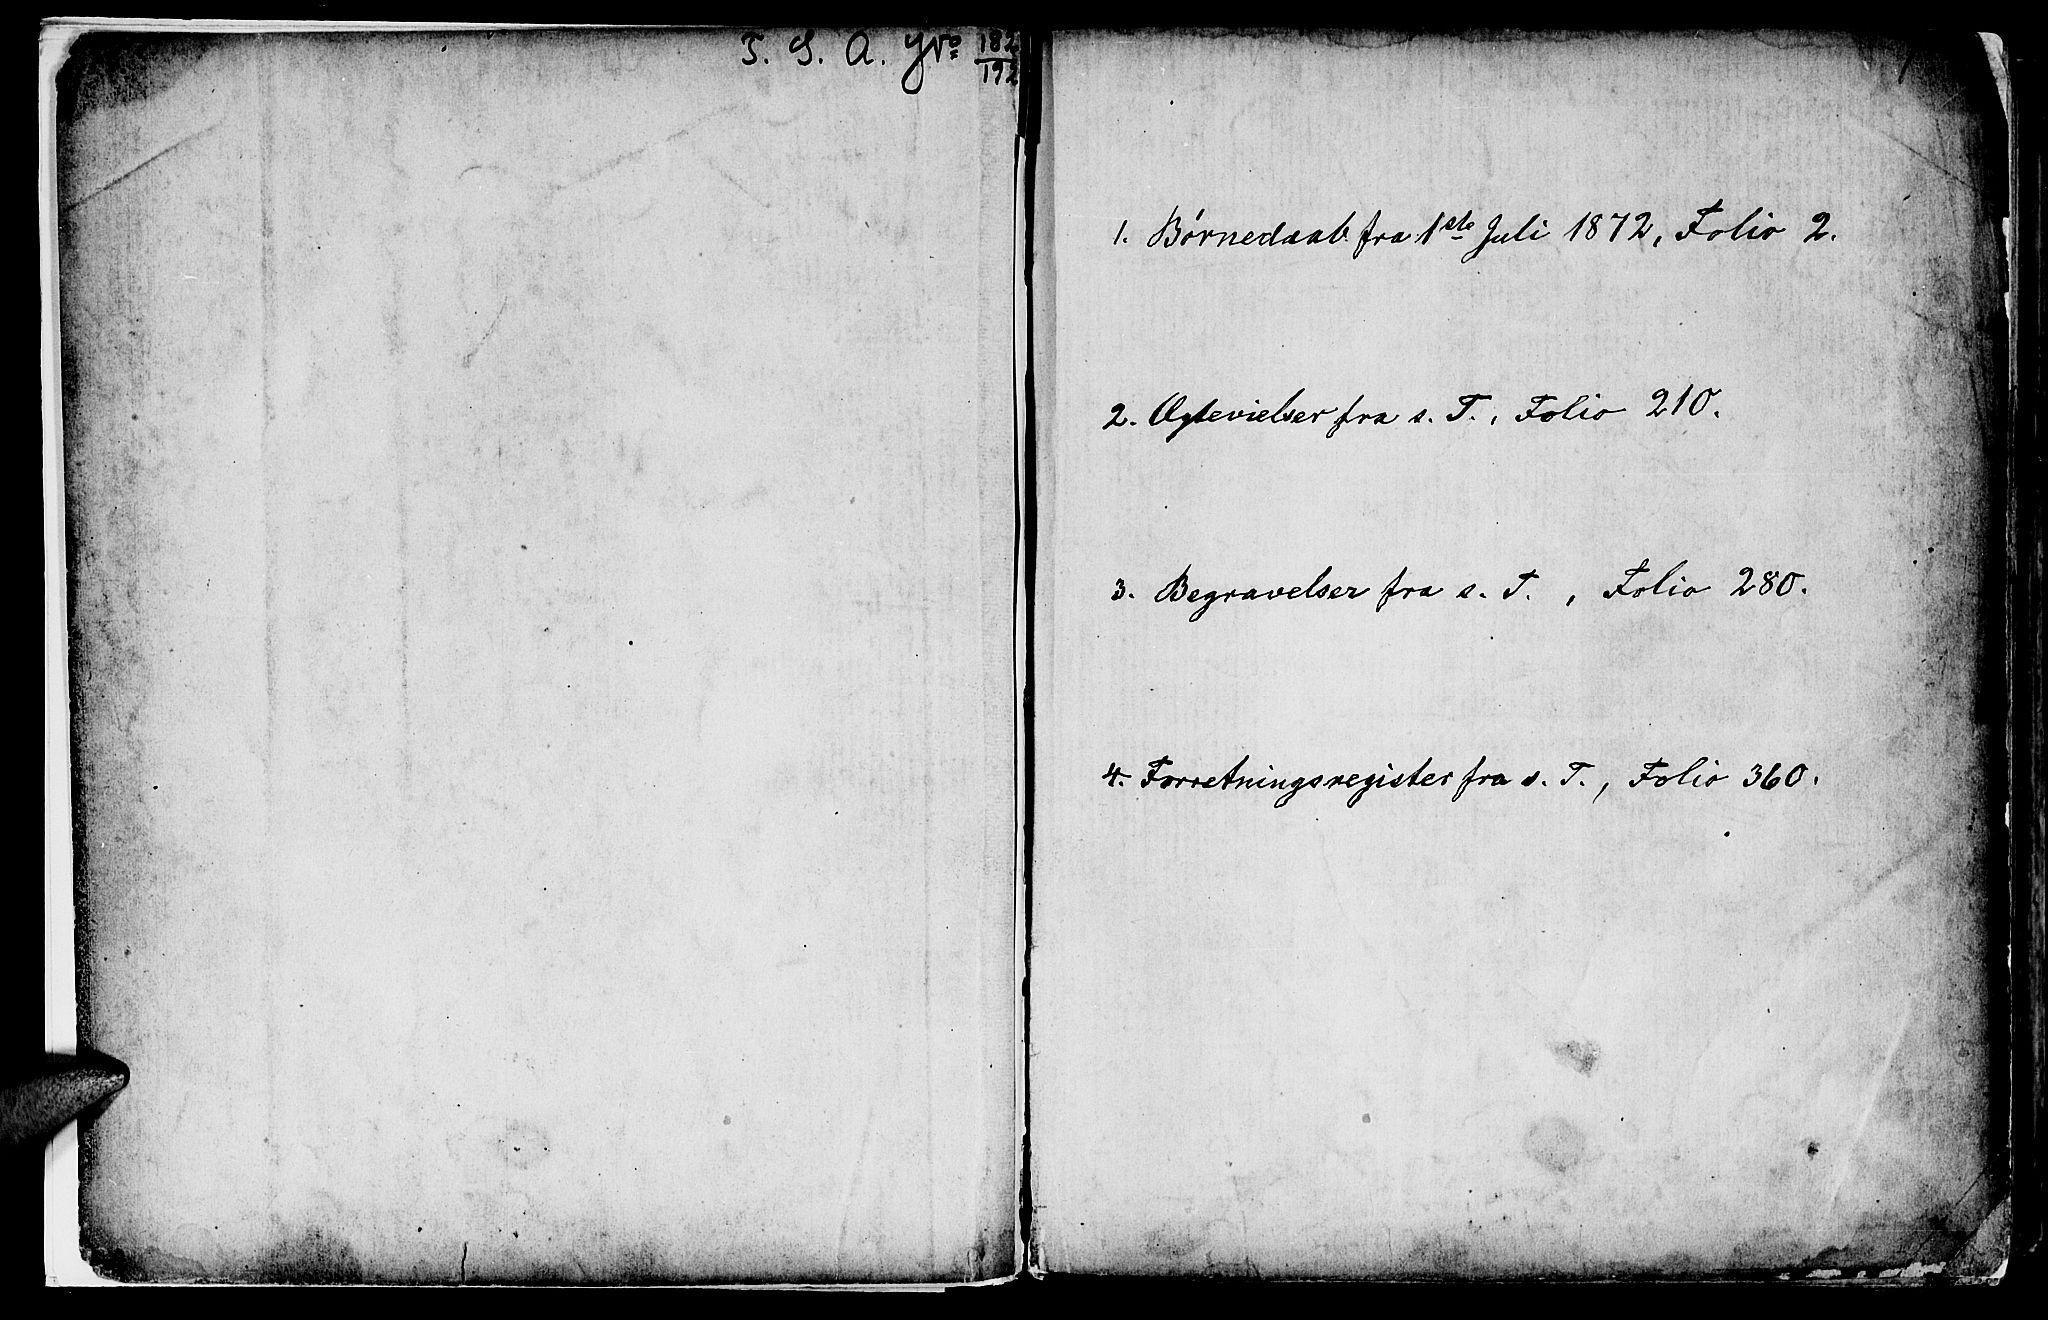 SAT, Ministerialprotokoller, klokkerbøker og fødselsregistre - Sør-Trøndelag, 602/L0142: Klokkerbok nr. 602C10, 1872-1894, s. 1